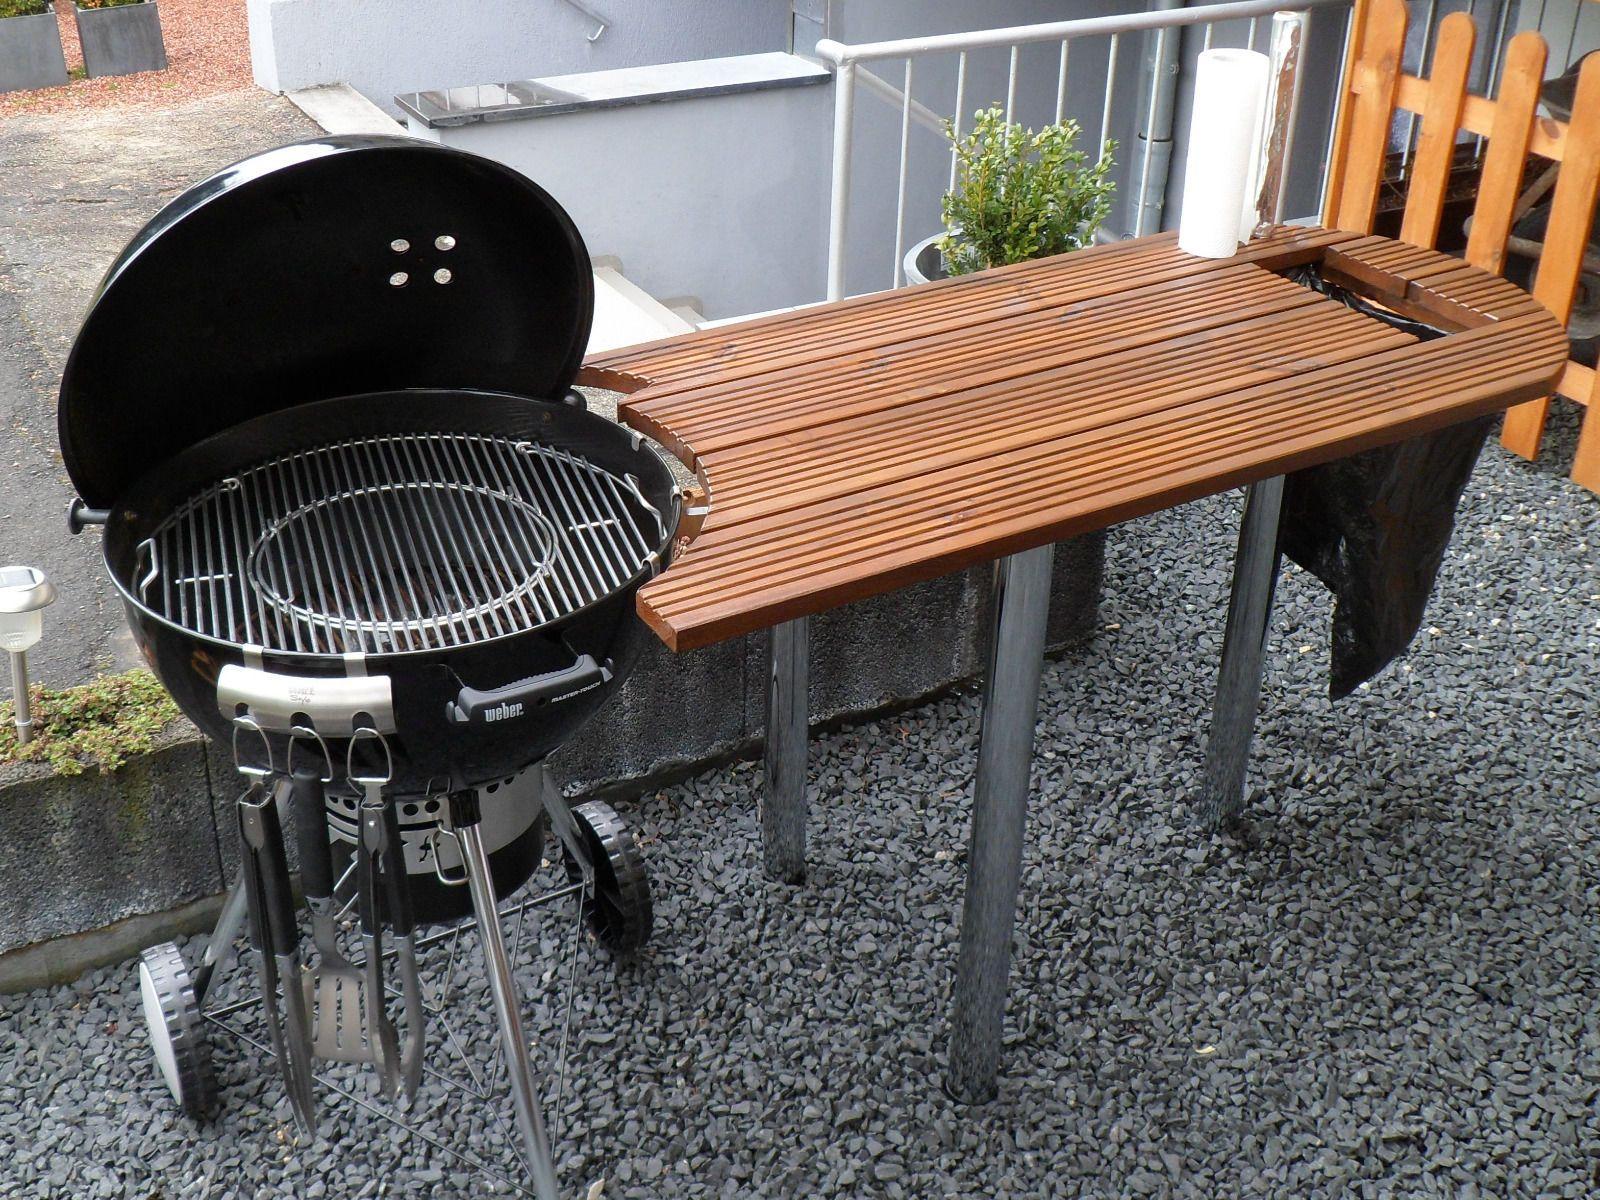 Outdoorküche Klein Wanita : Outdoorküche tür xxl: ofen tür ebay kleinanzeigen. outdoor küche tür